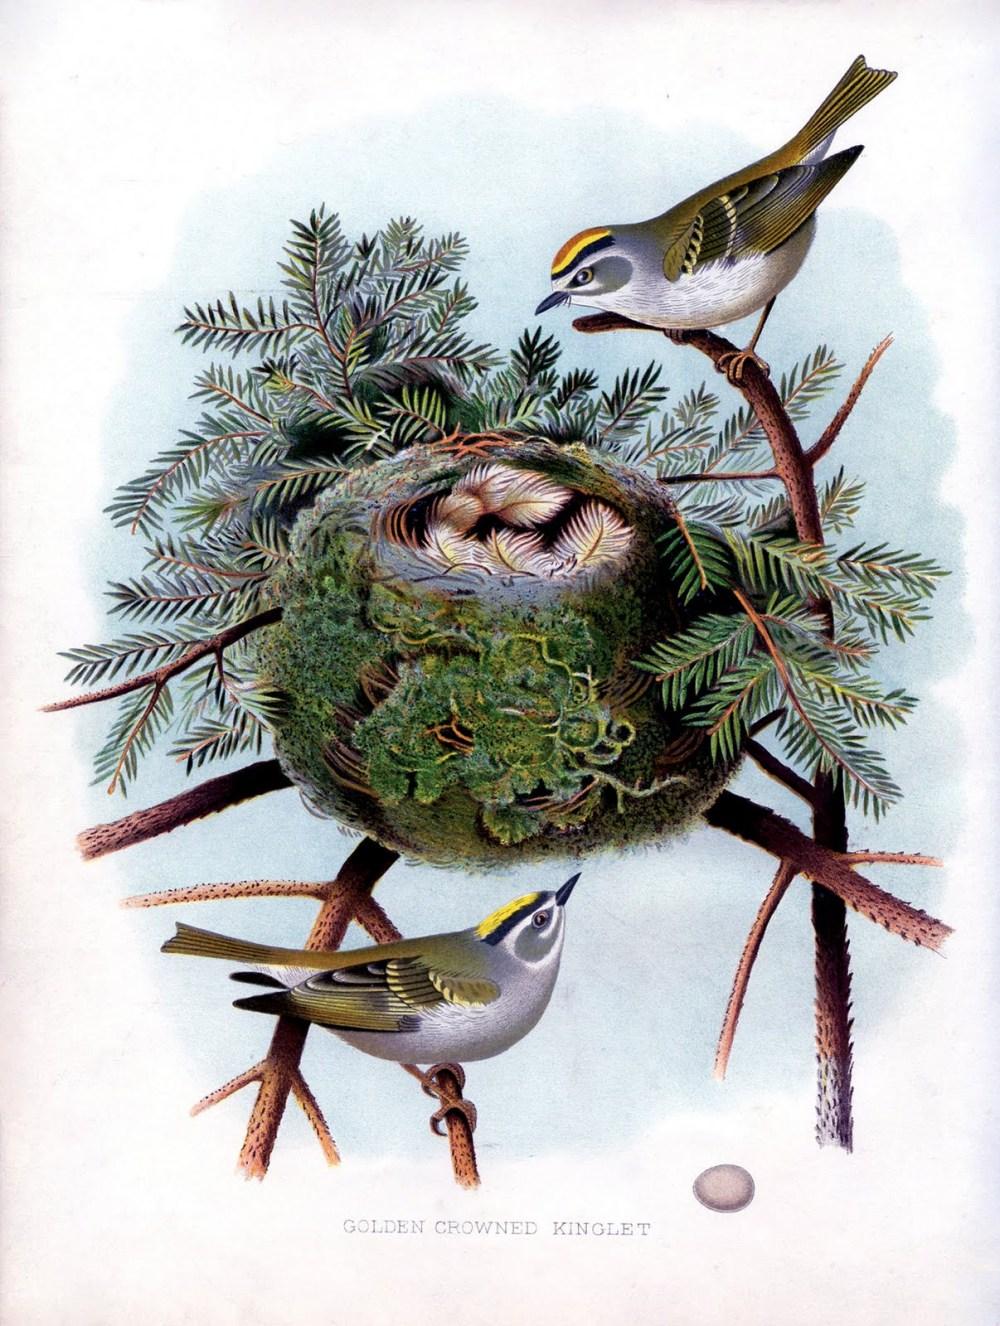 golden crowned kinglet bird nest pine vintage image graphics